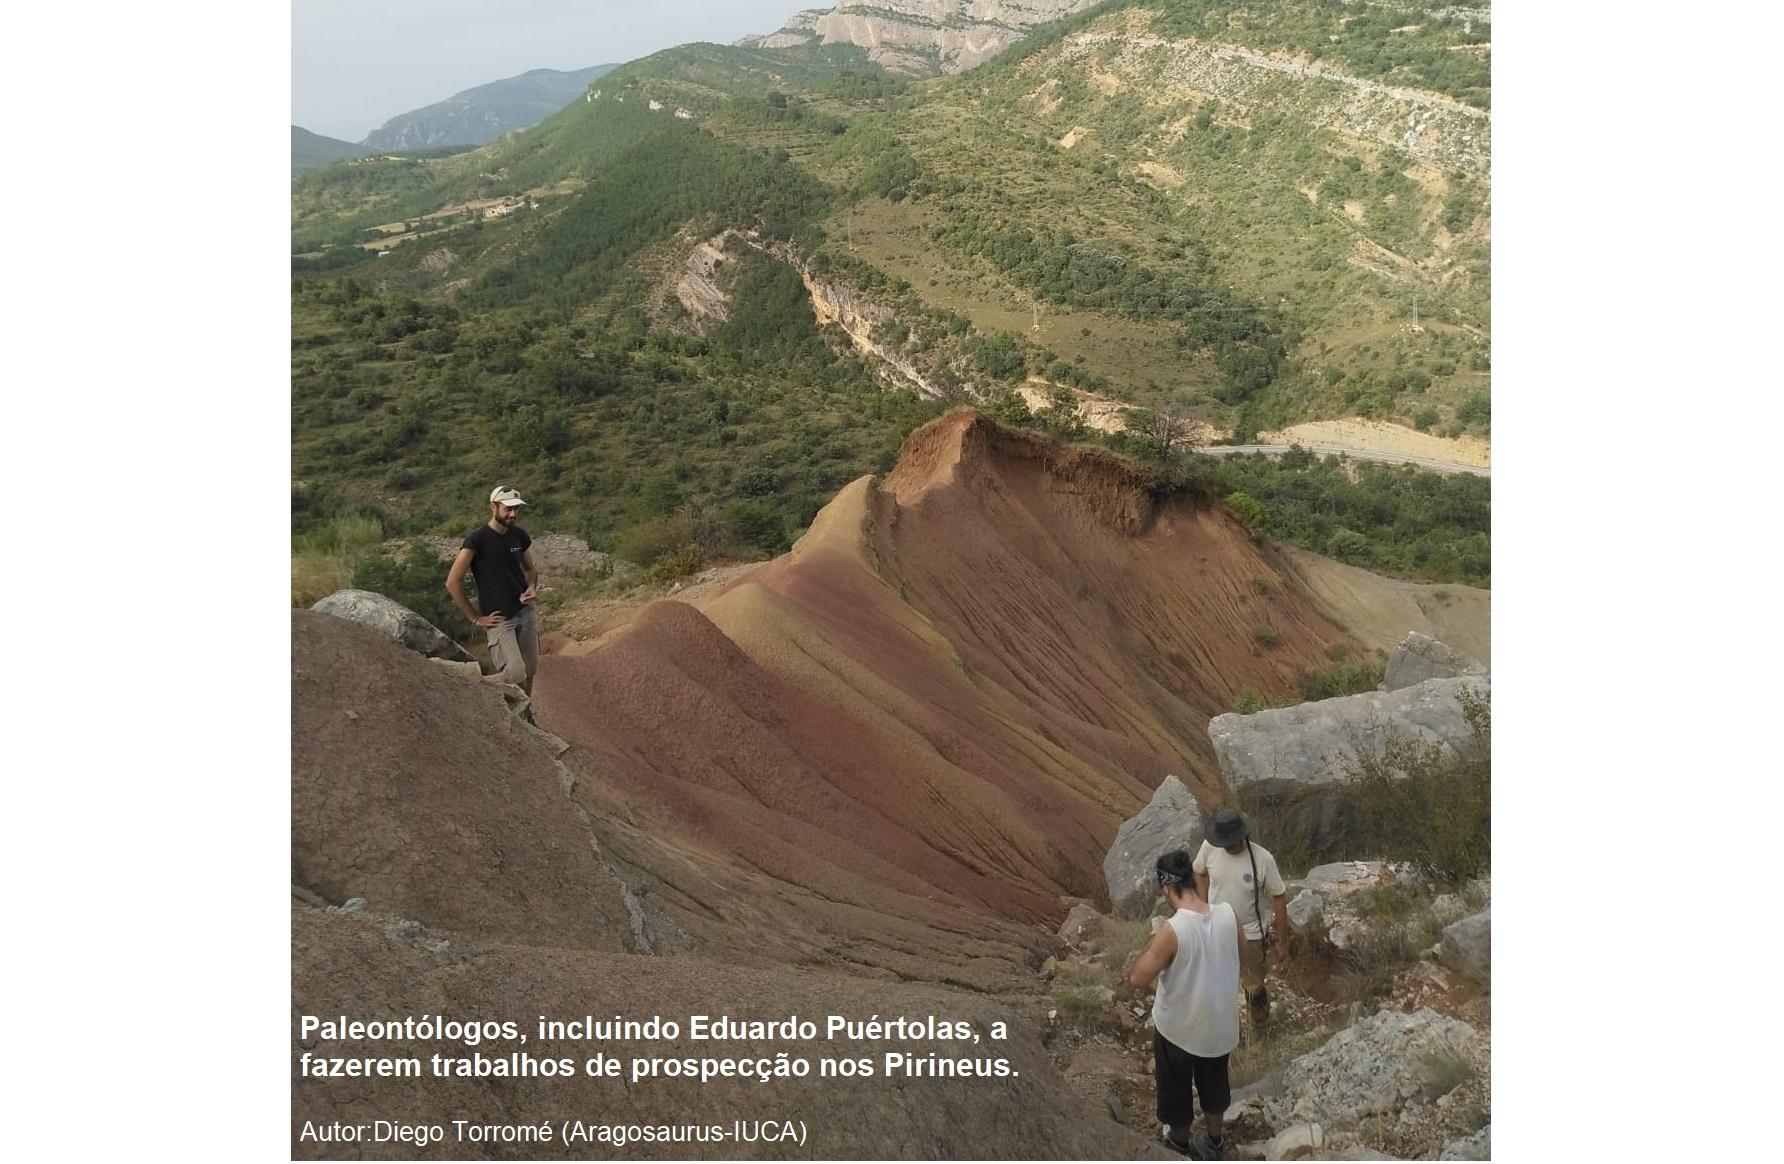 Paleontólogos del grupo Aragosaurus realizando prospección en la Ribagorza_Diego Torromé